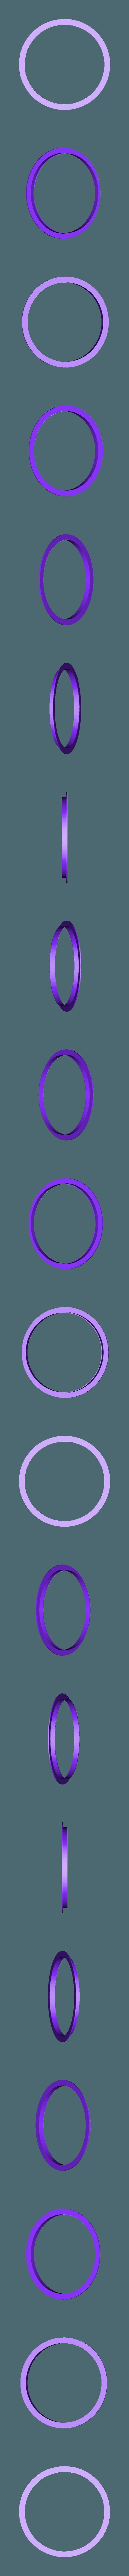 ring_groot.stl Télécharger fichier STL gratuit Pièces 3D pour l'imprimante Ceramic DIY • Objet à imprimer en 3D, fgeer